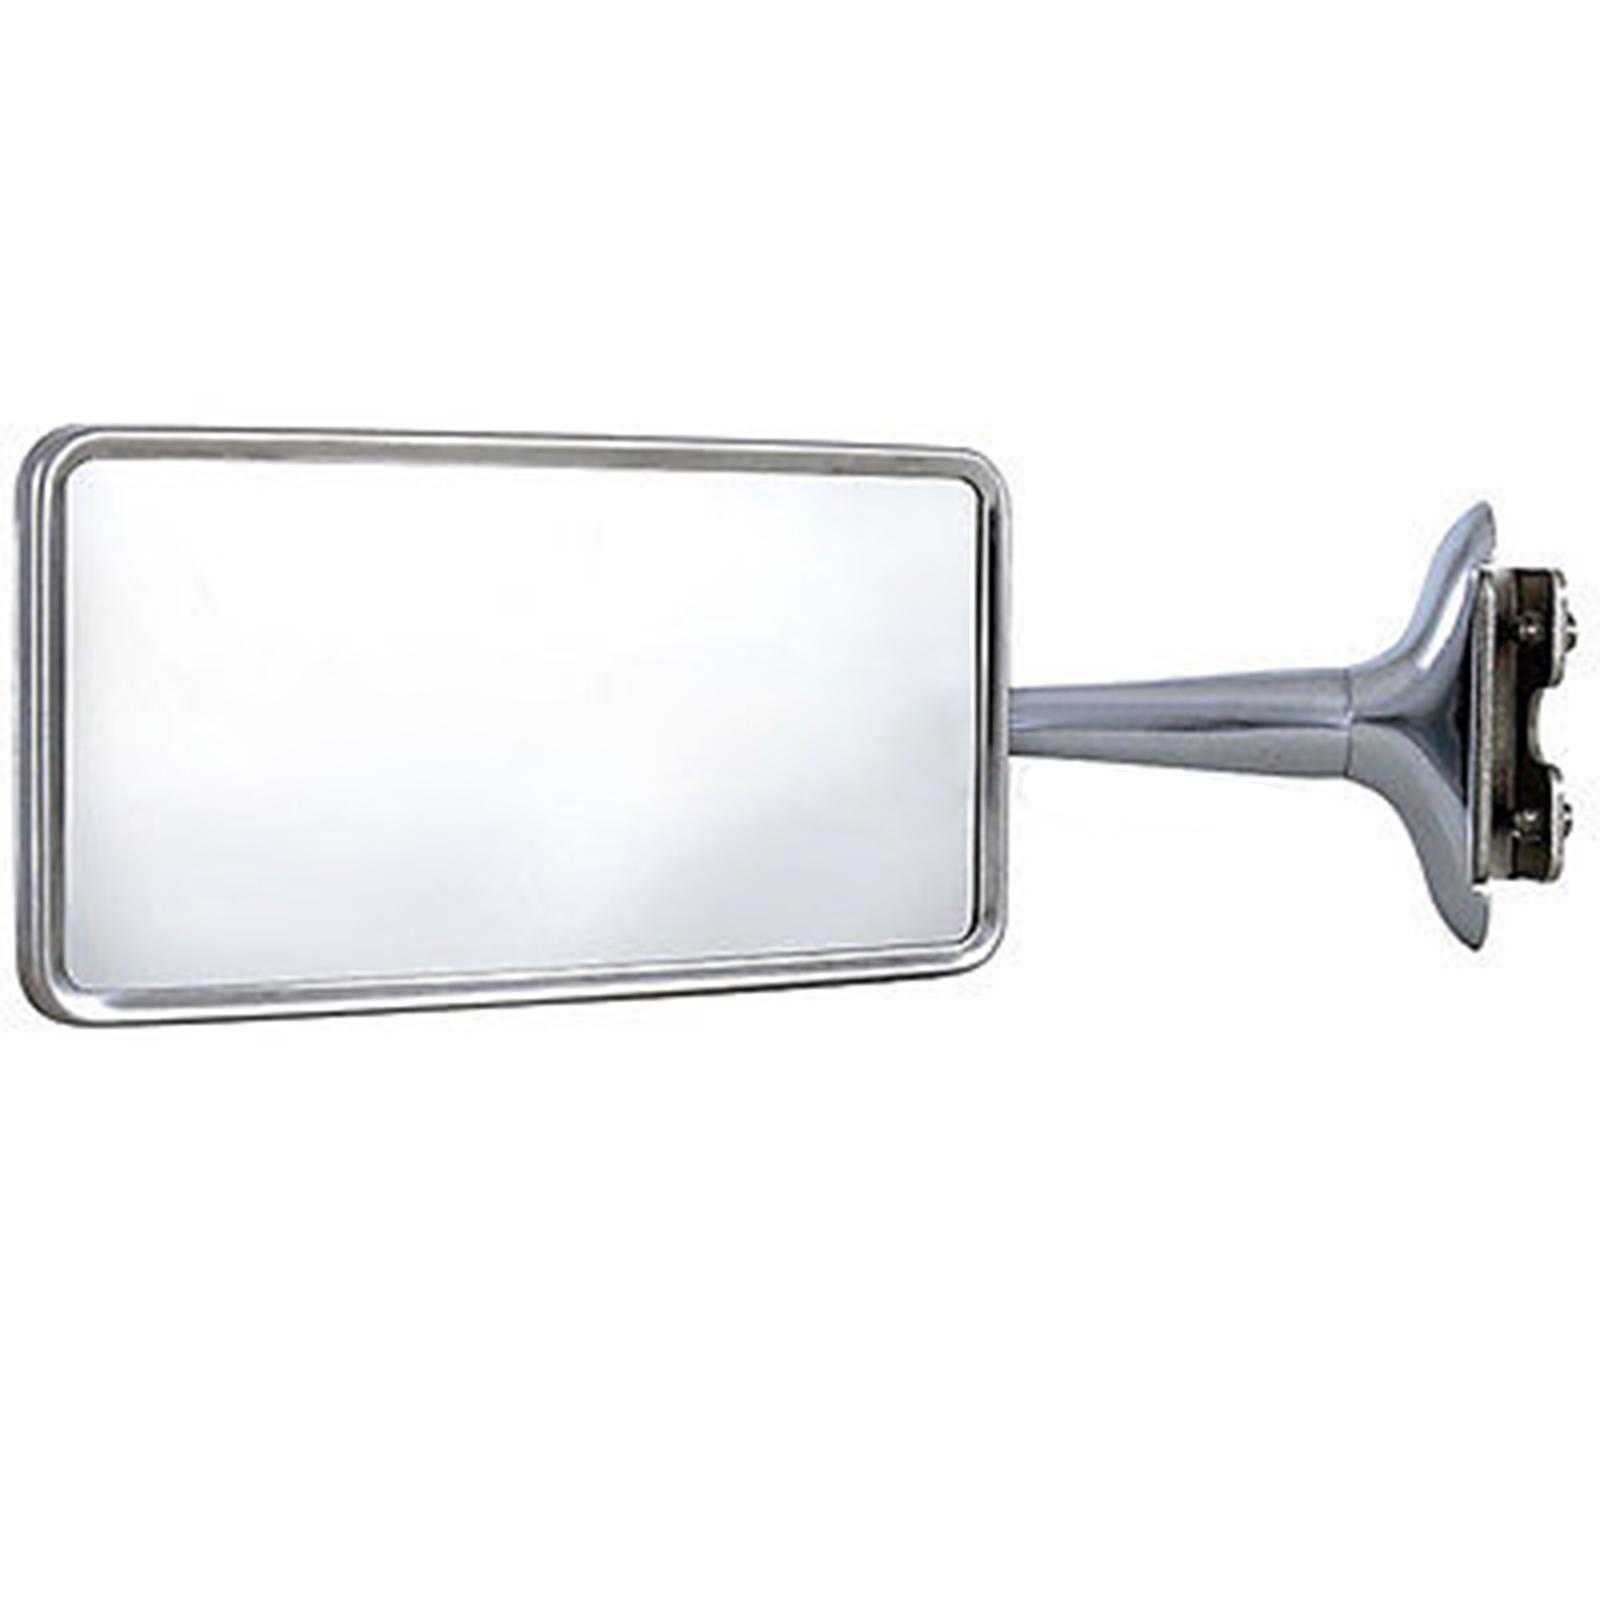 Rectangle Long Arm Peep Mirror Outside Side Rear View Door Hot Street Rat Rod Pr